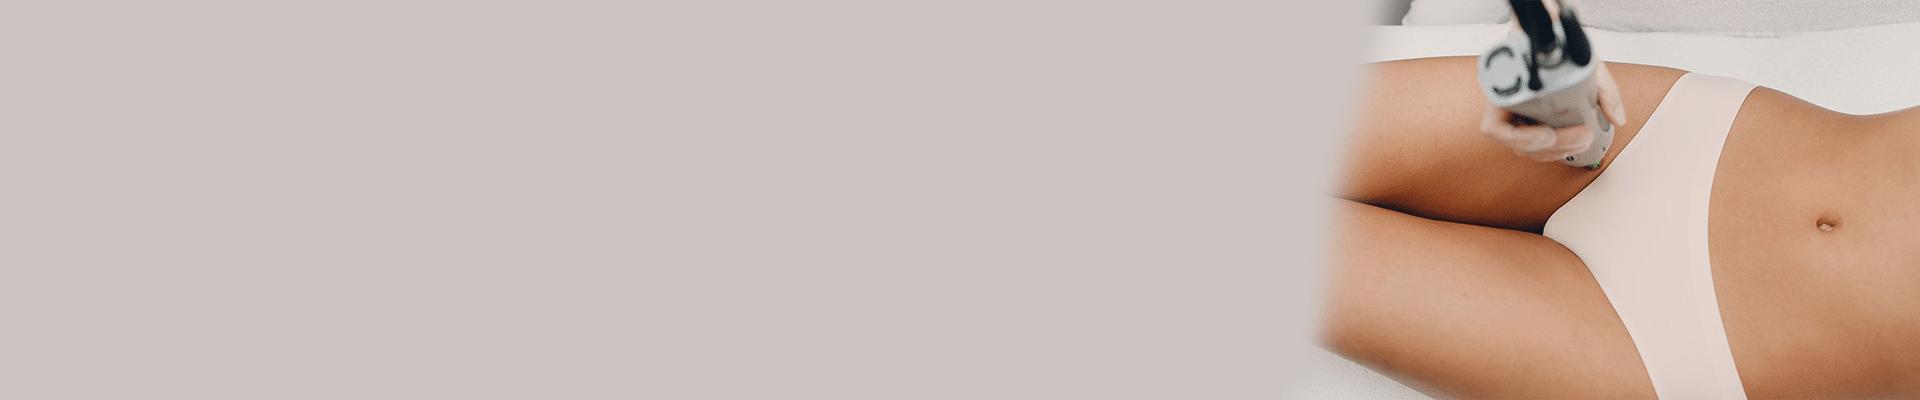 [:fr]Traitement laser Nabeul Hammamet :  prix et résultat Laser esthétique[:ar]العلاج بالليزر في نابل الحمامات : السعر والنتيجة جماليات الليزر[:]